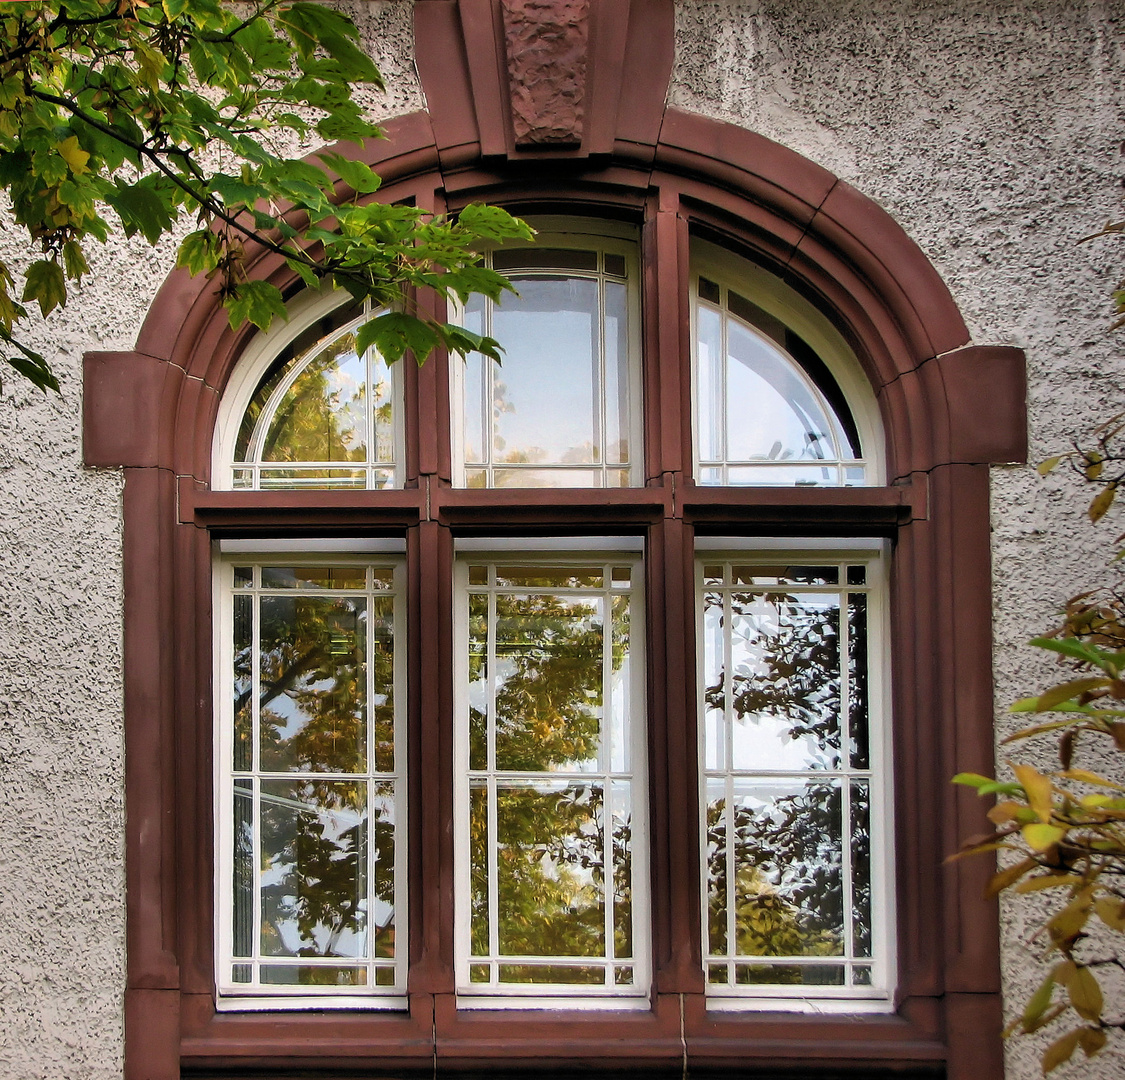 Fenster im Rathaus